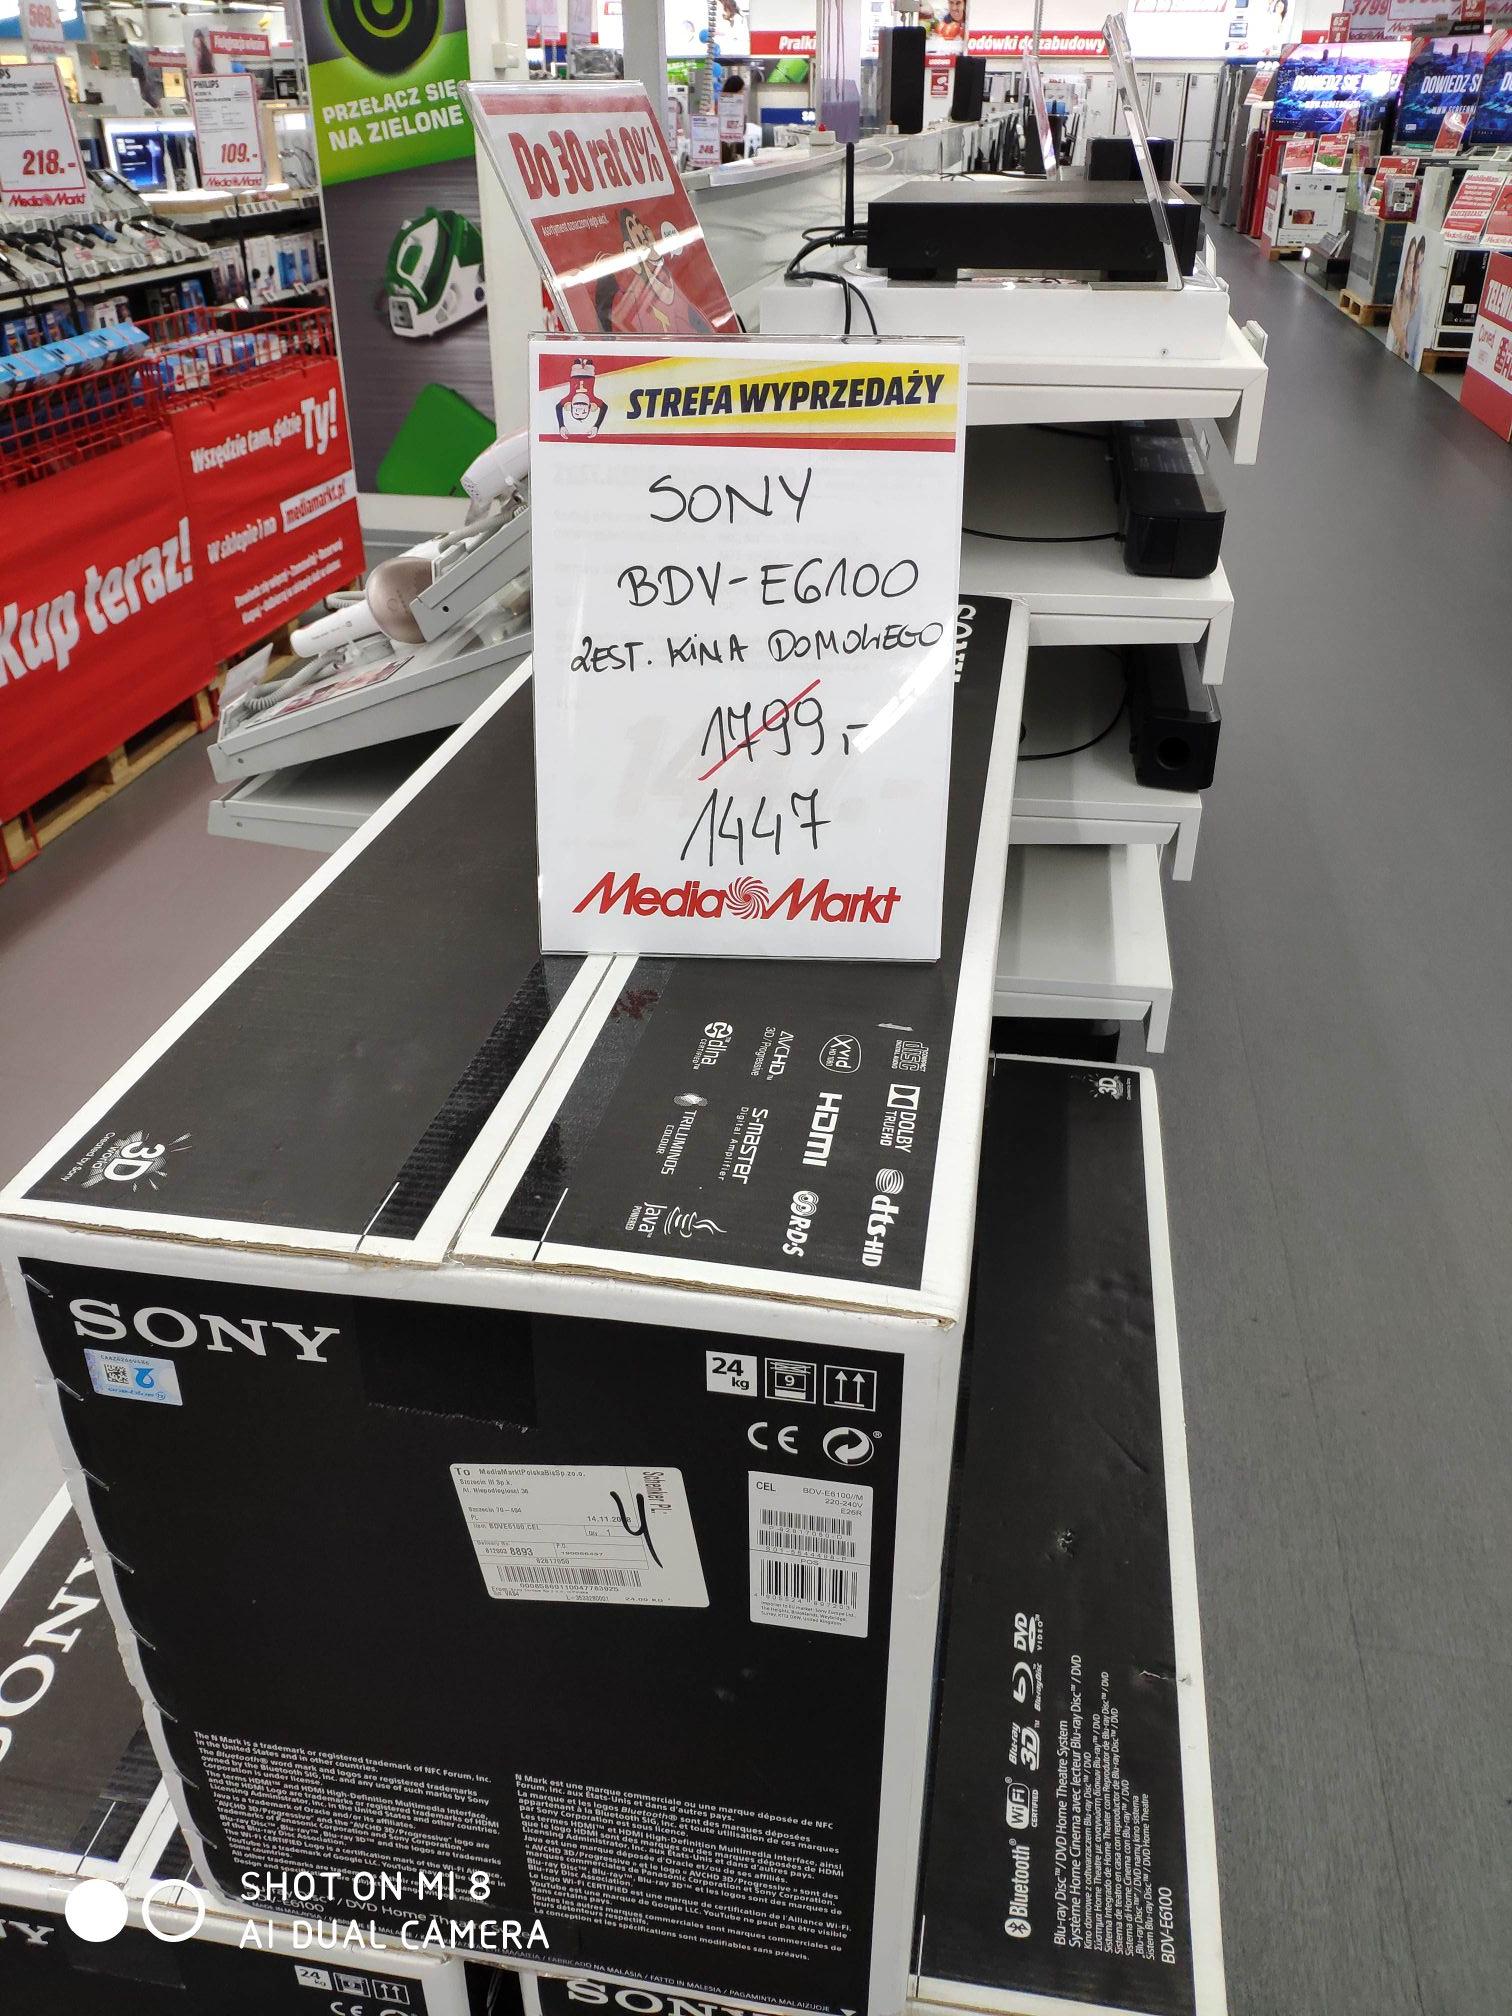 Sony BDV-E6100  zestaw kina domowego - Media Markt